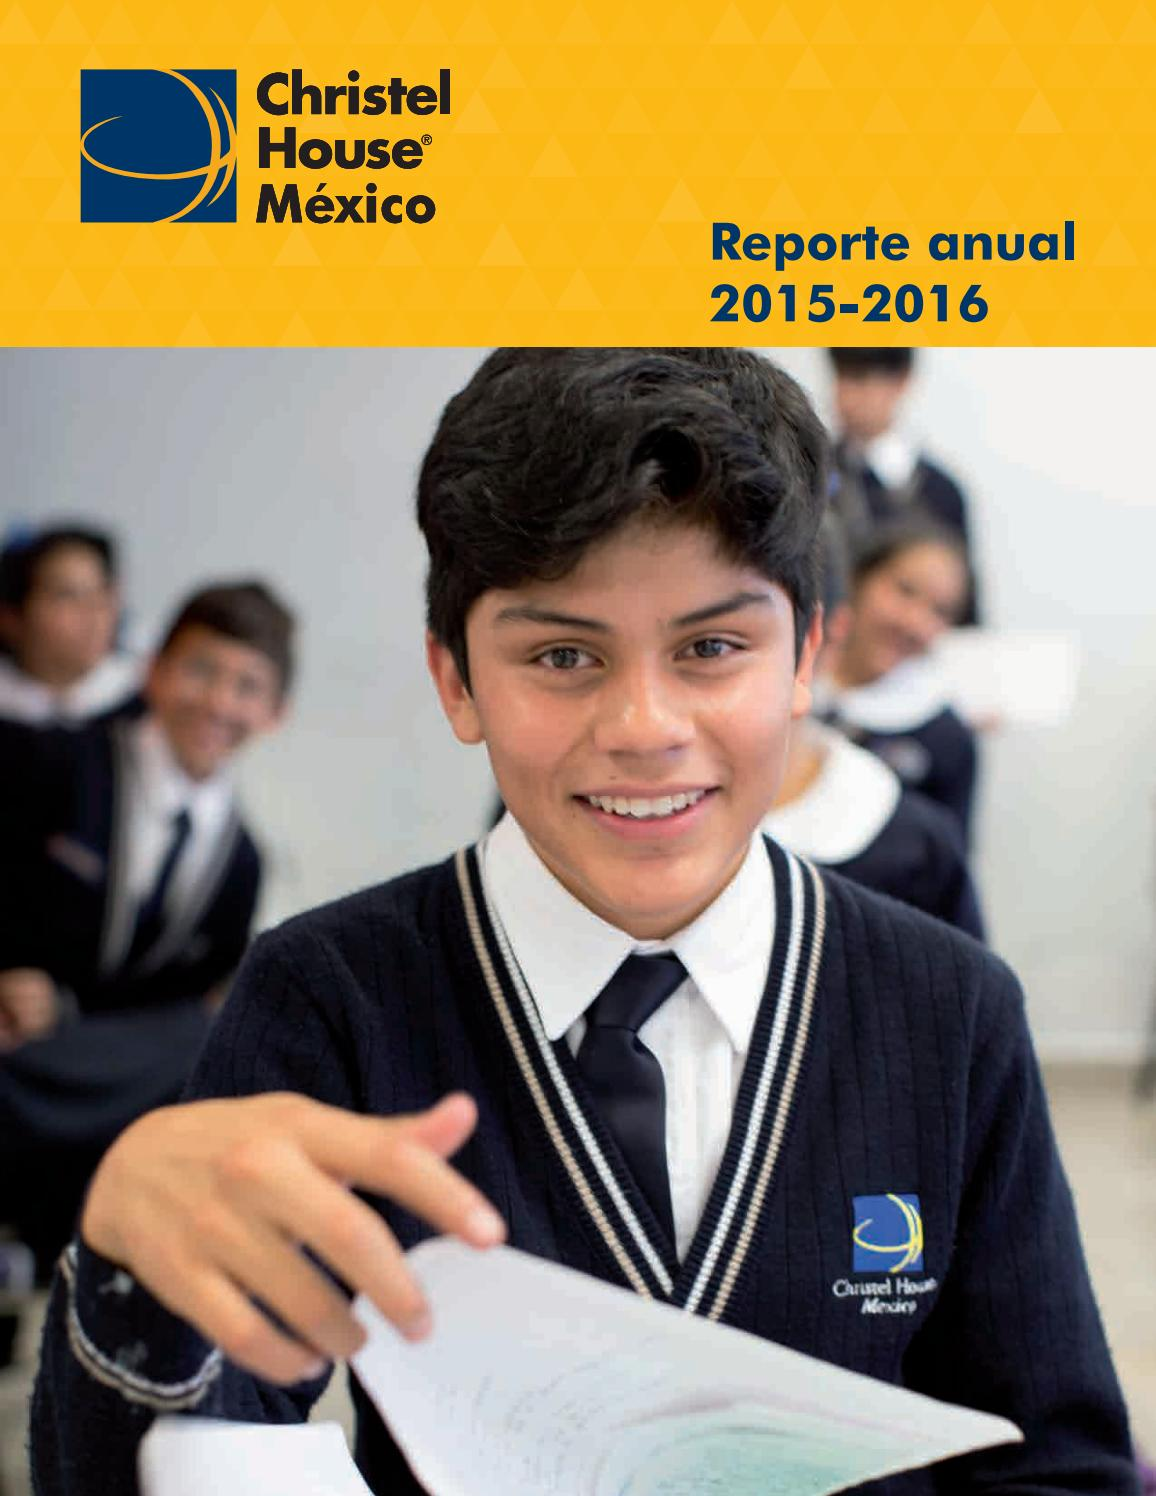 Informe Anual 2015.2016 by Christel House - issuu Felipe Esparza